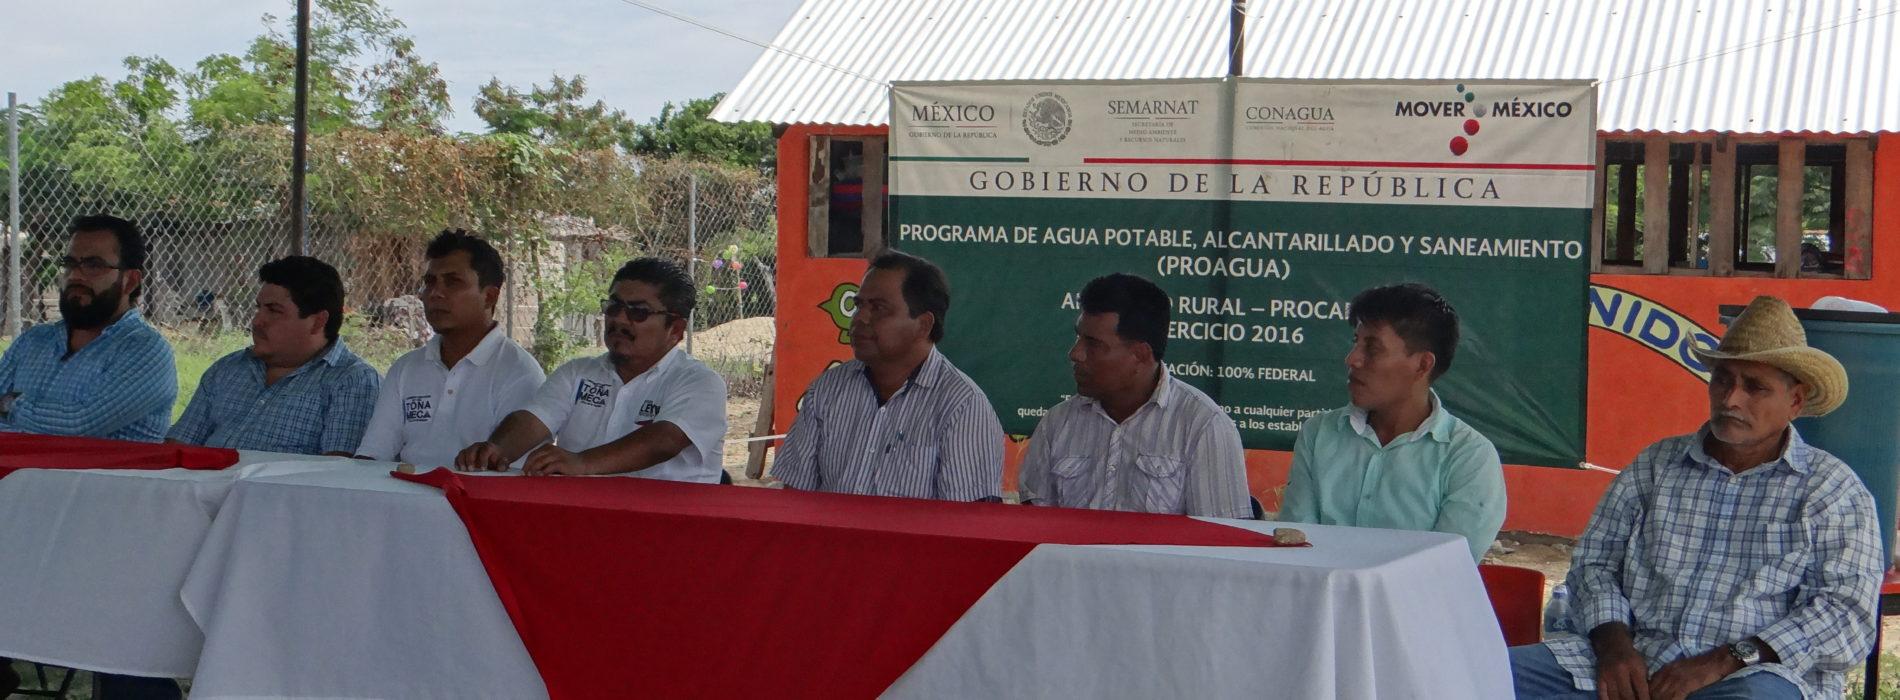 """EN LA COMUNIDAD DE AGUA BLANCA TONAMECA, SE REALIZÓ LA ENTREGA RECEPCIÓN DE LAS OBRAS DENOMINADAS """"CONSTRUCCIÓN DE SISTEMA DE AGUA POTABLE MEDIANTE CAPTACIÓN DE LLUVIA Y CONSTRUCCIÓN DE SANITARIOS RURALES CON BIODIGESTORES"""""""